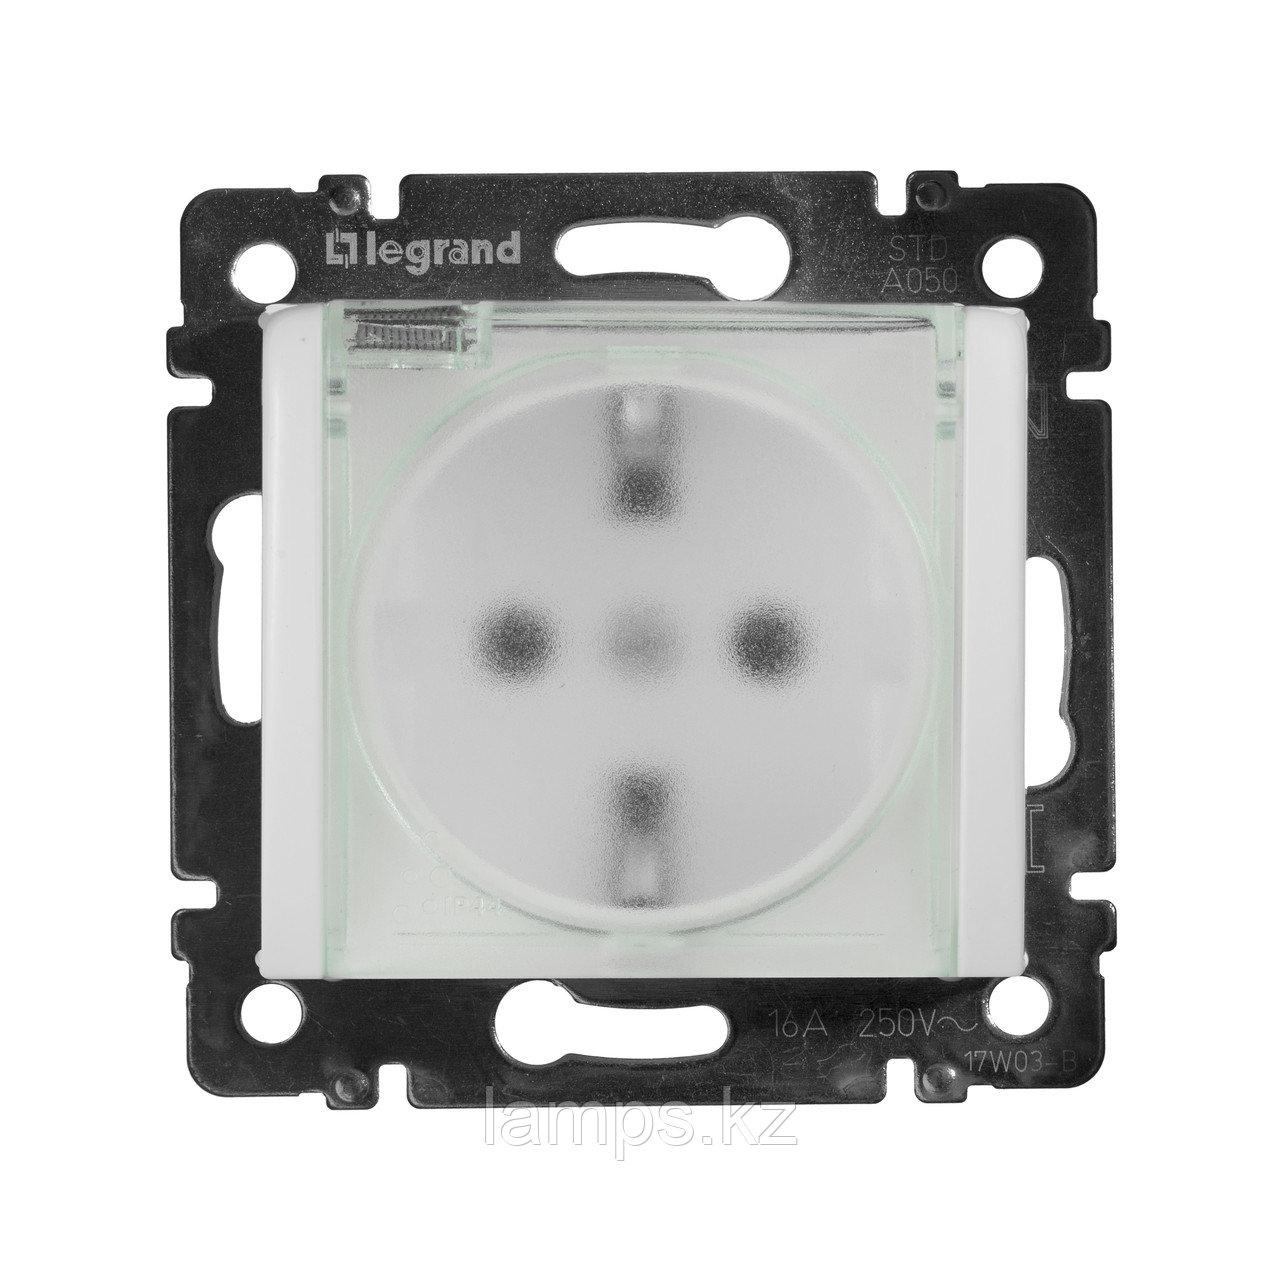 Розетка - Valena - IP 44 - немецкий стандарт - 2К+3 - с крышкой и защитными шторками - White